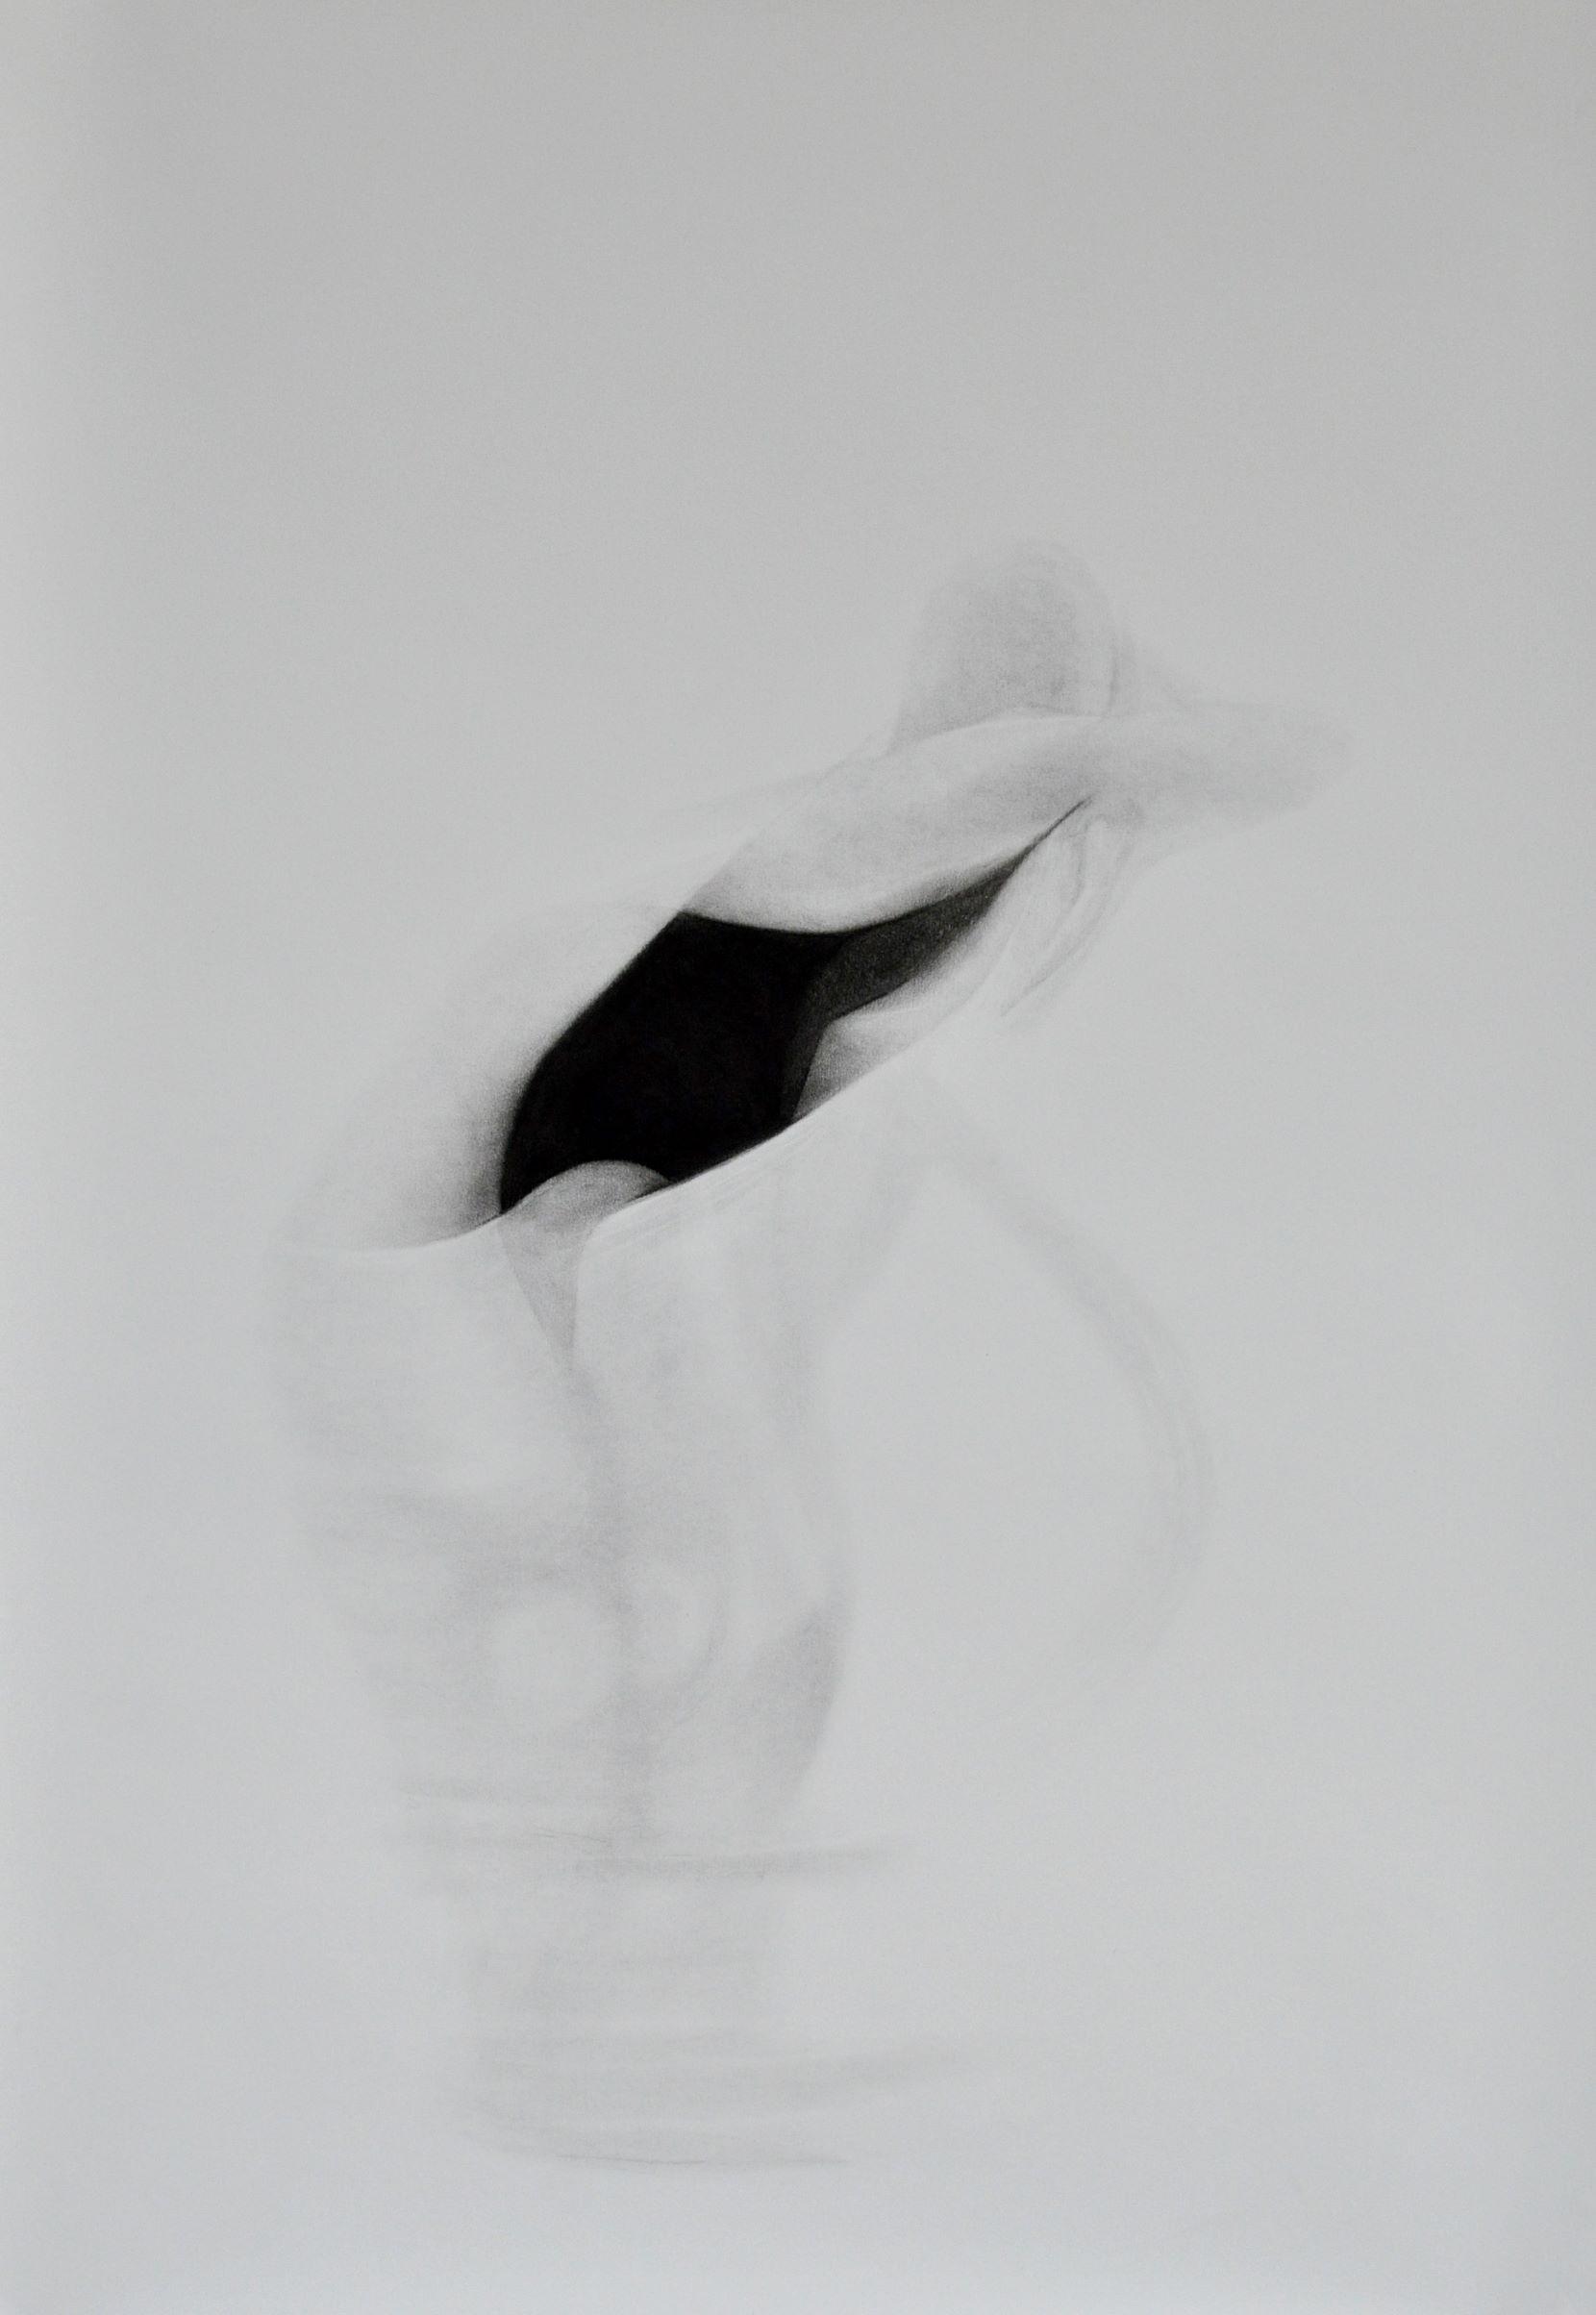 Shamah Shihadi / Motion 3